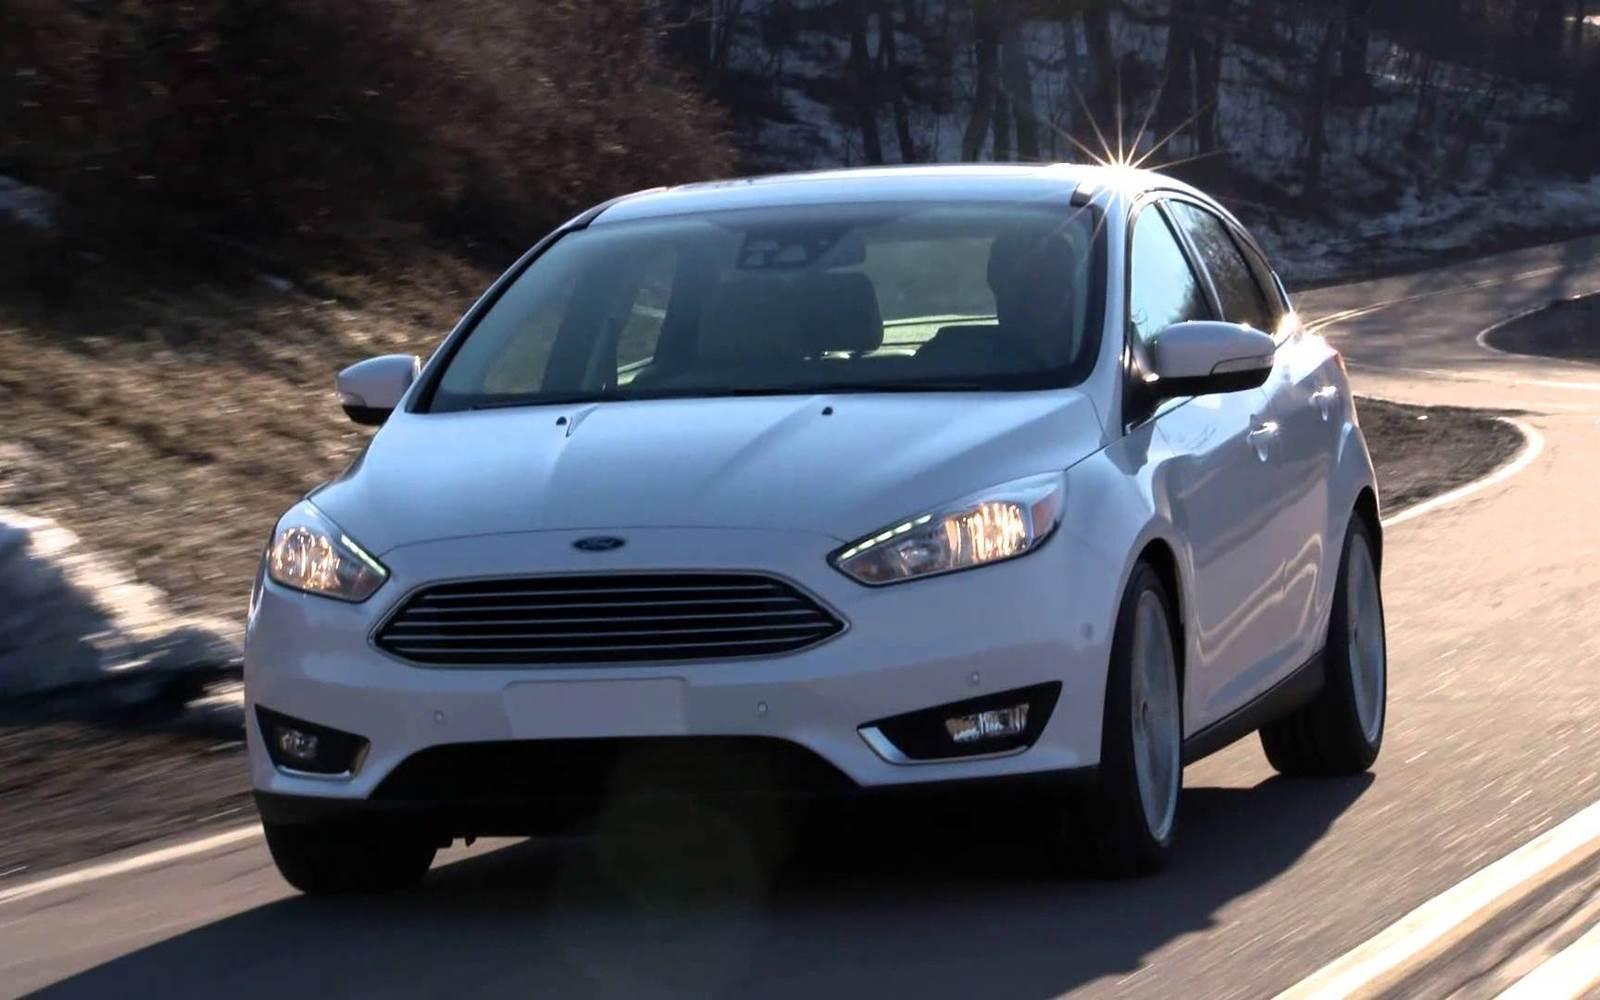 Ford Focus 2015 - segundo hatch médio mais vendido